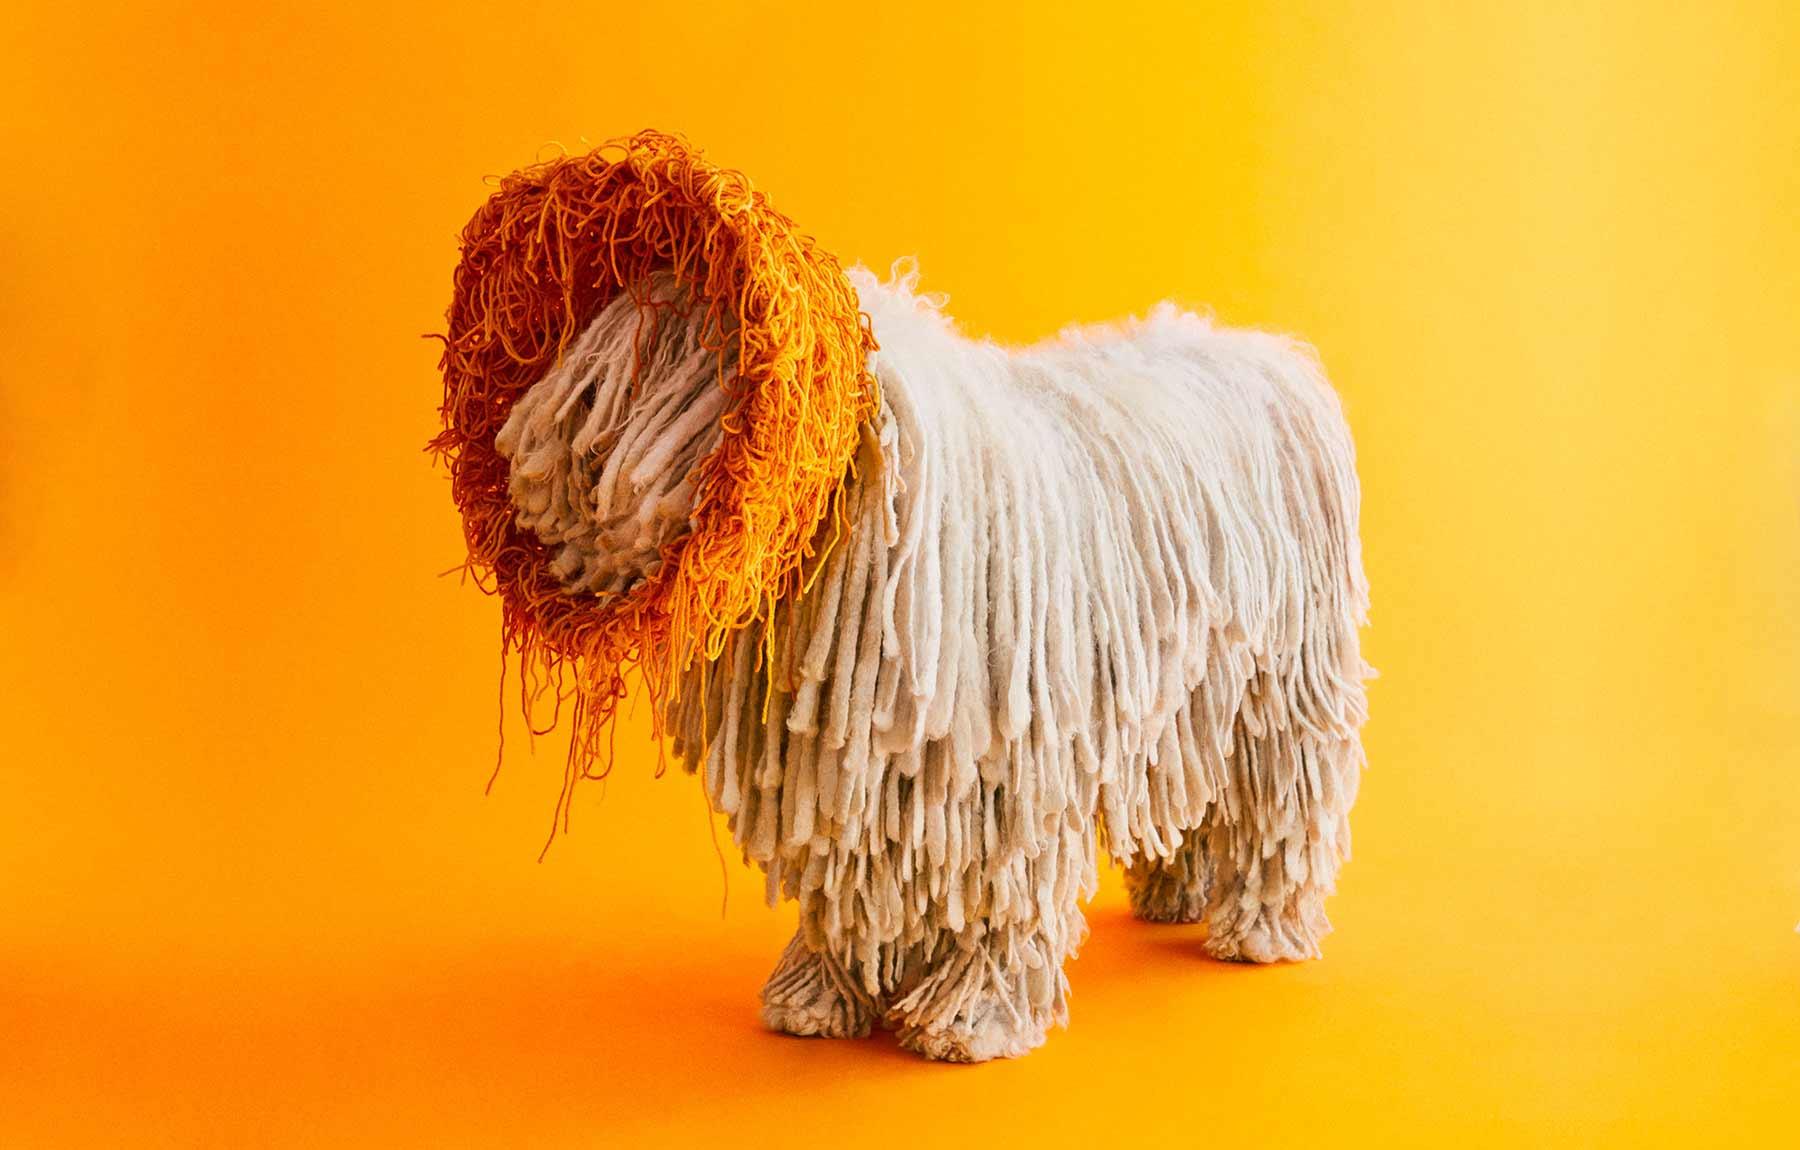 Ausgefallene Schutzkragen für Hunde cone-of-shame-winnie-au-Marie-yan-morvan_01